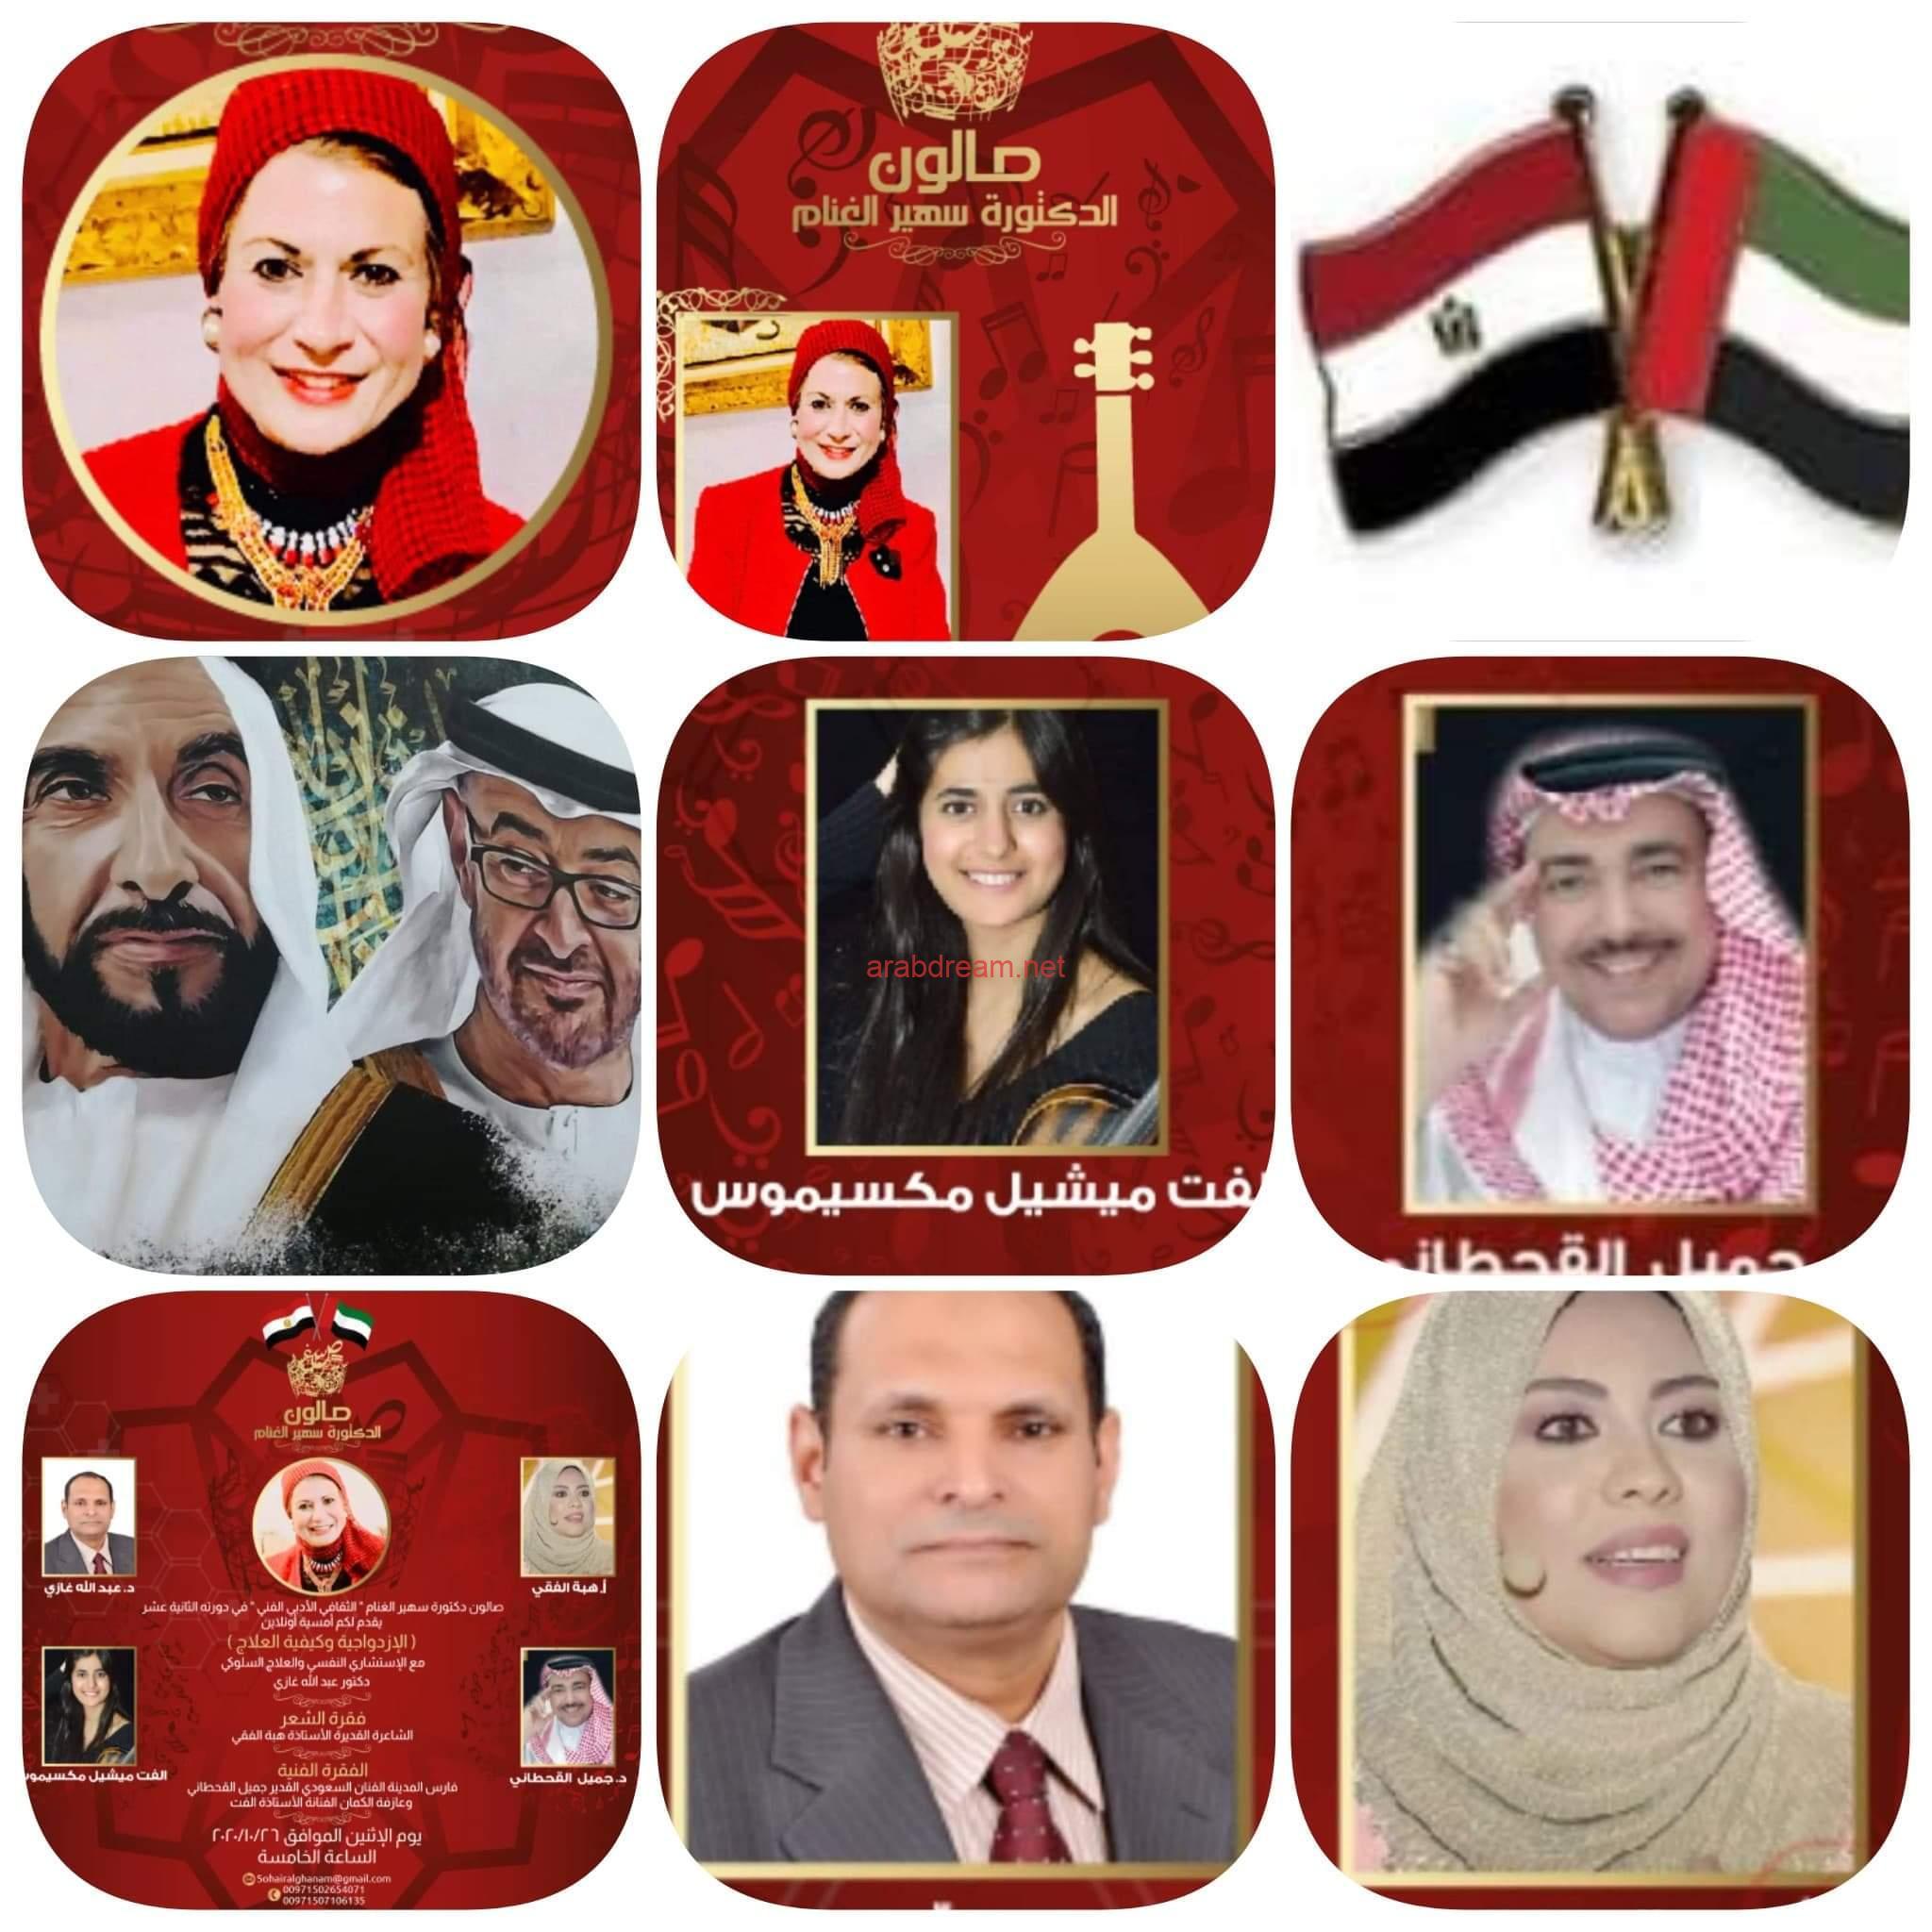 أبو ظبي : صالون دكتورة سهير الغنام في دورته الثانية عشر.